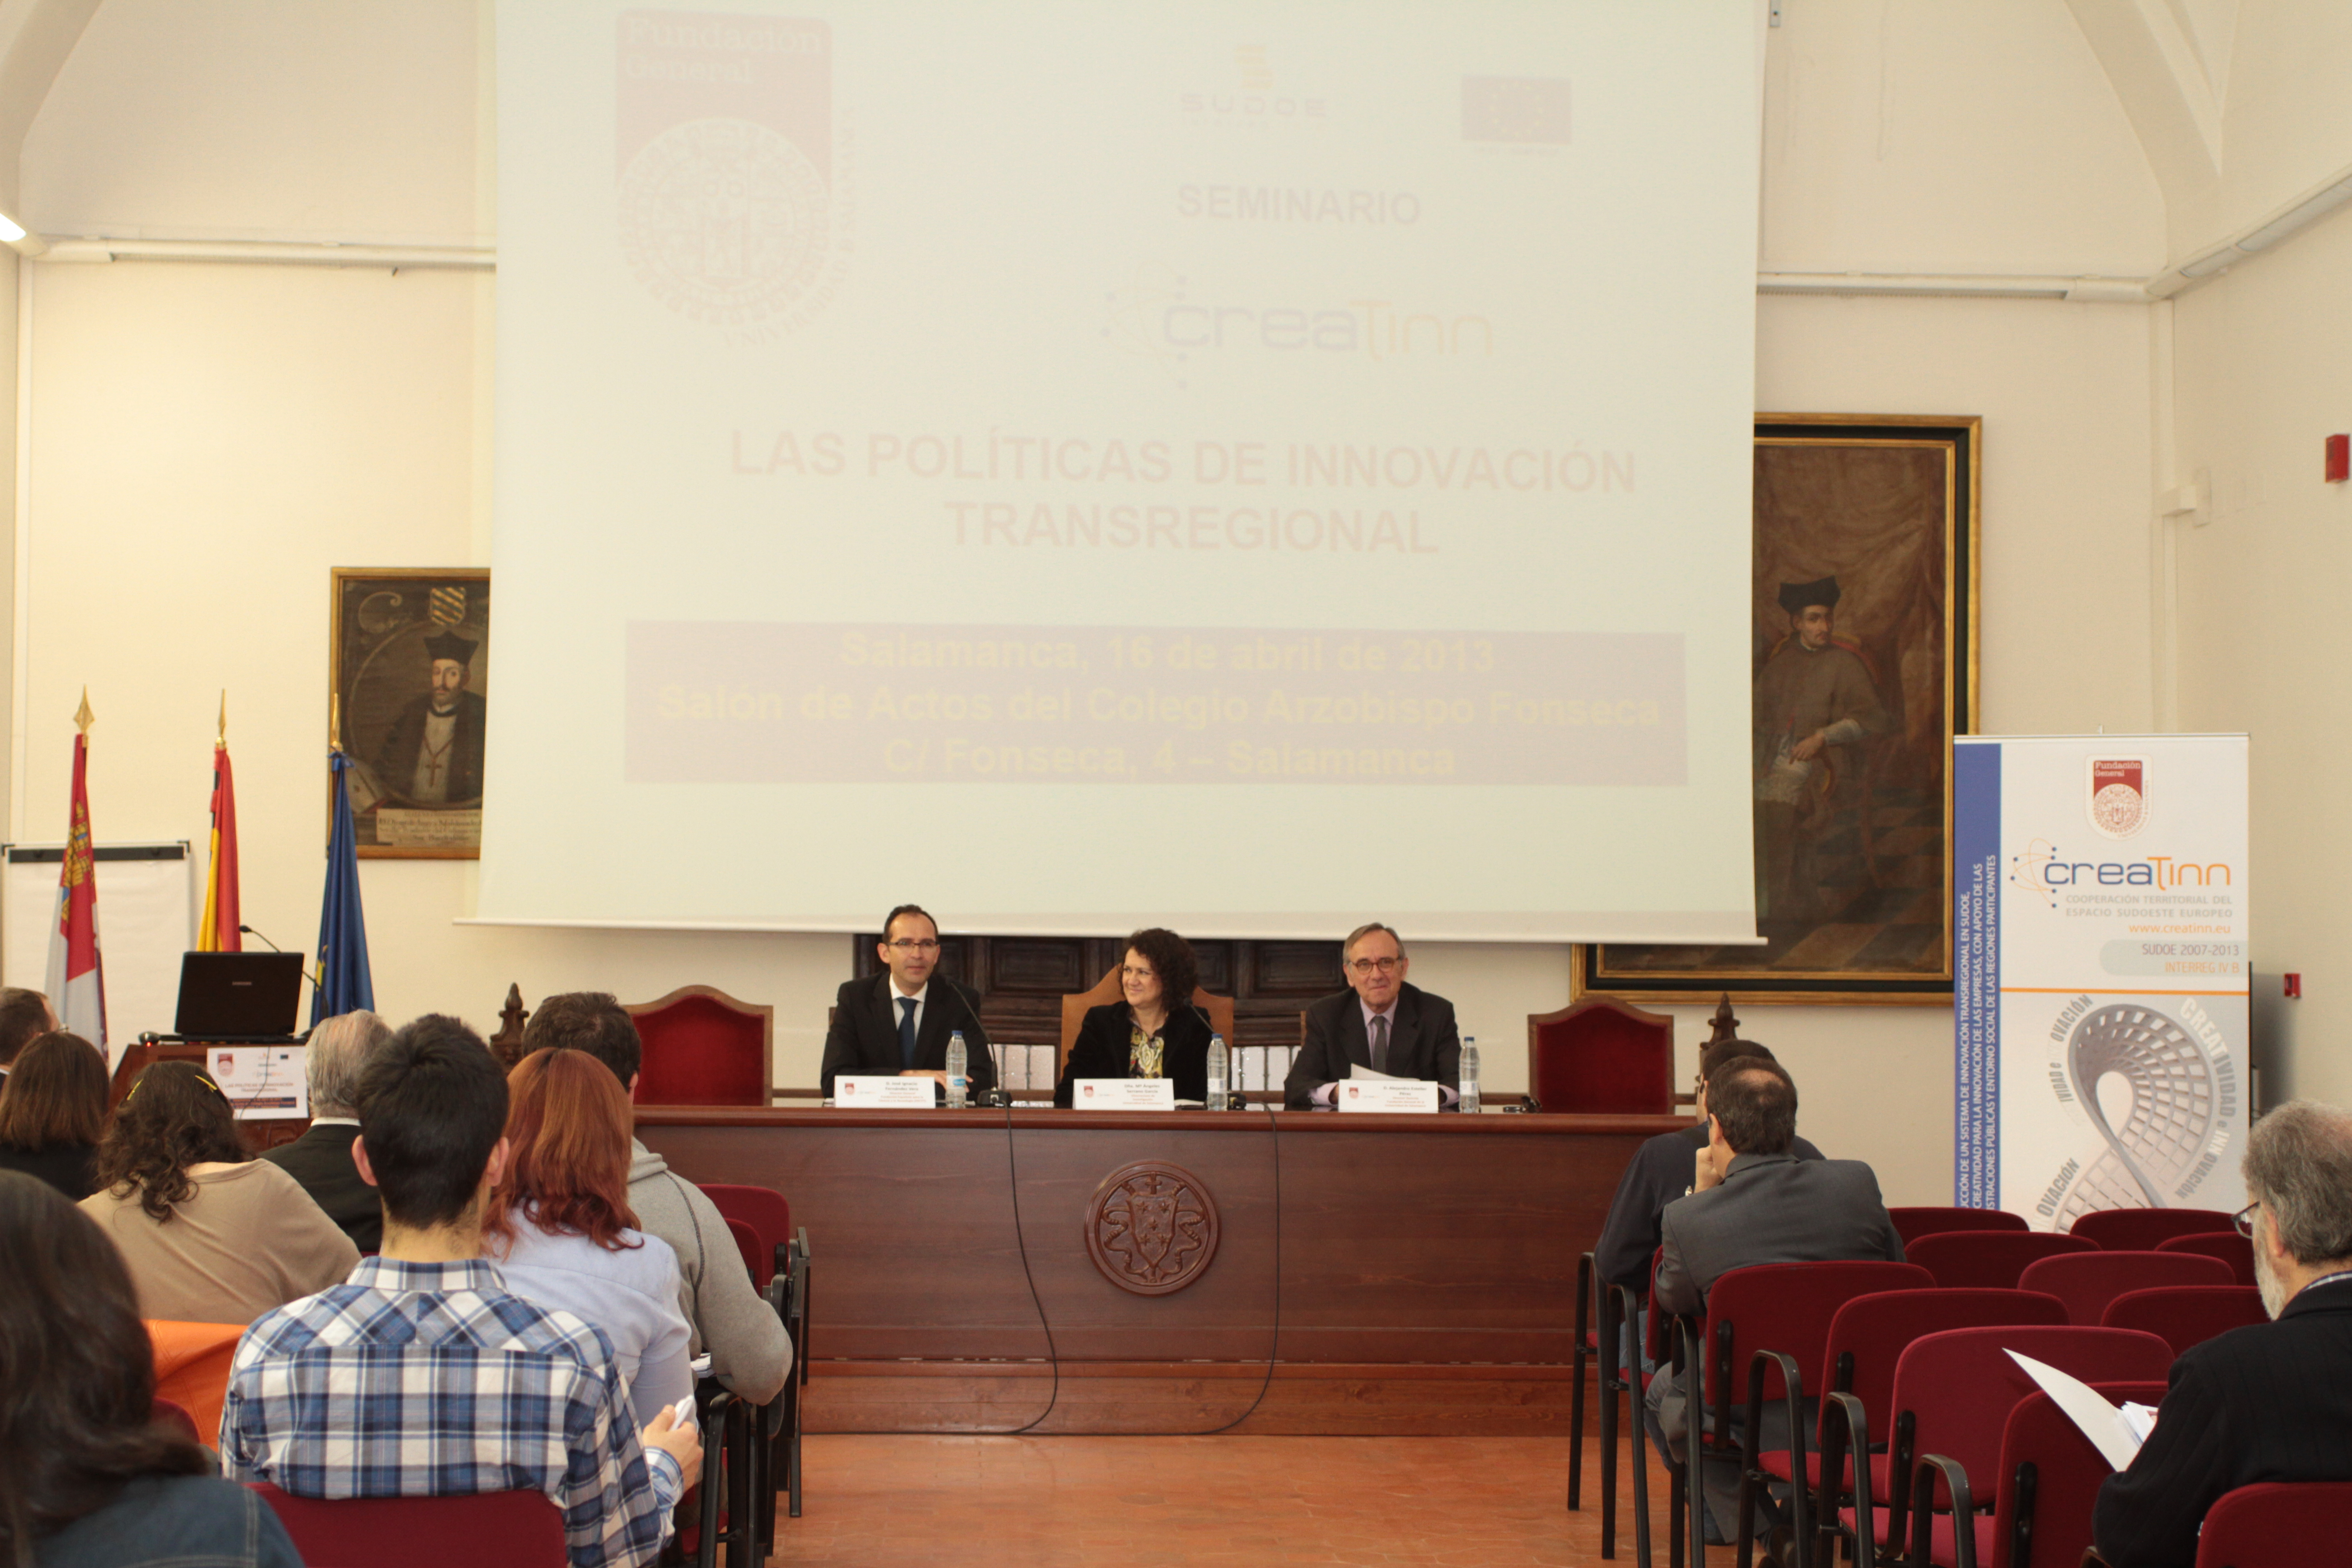 La Fundación General de la Universidad de Salamanca organiza la séptima reunión de coordinación del proyecto CREATINN